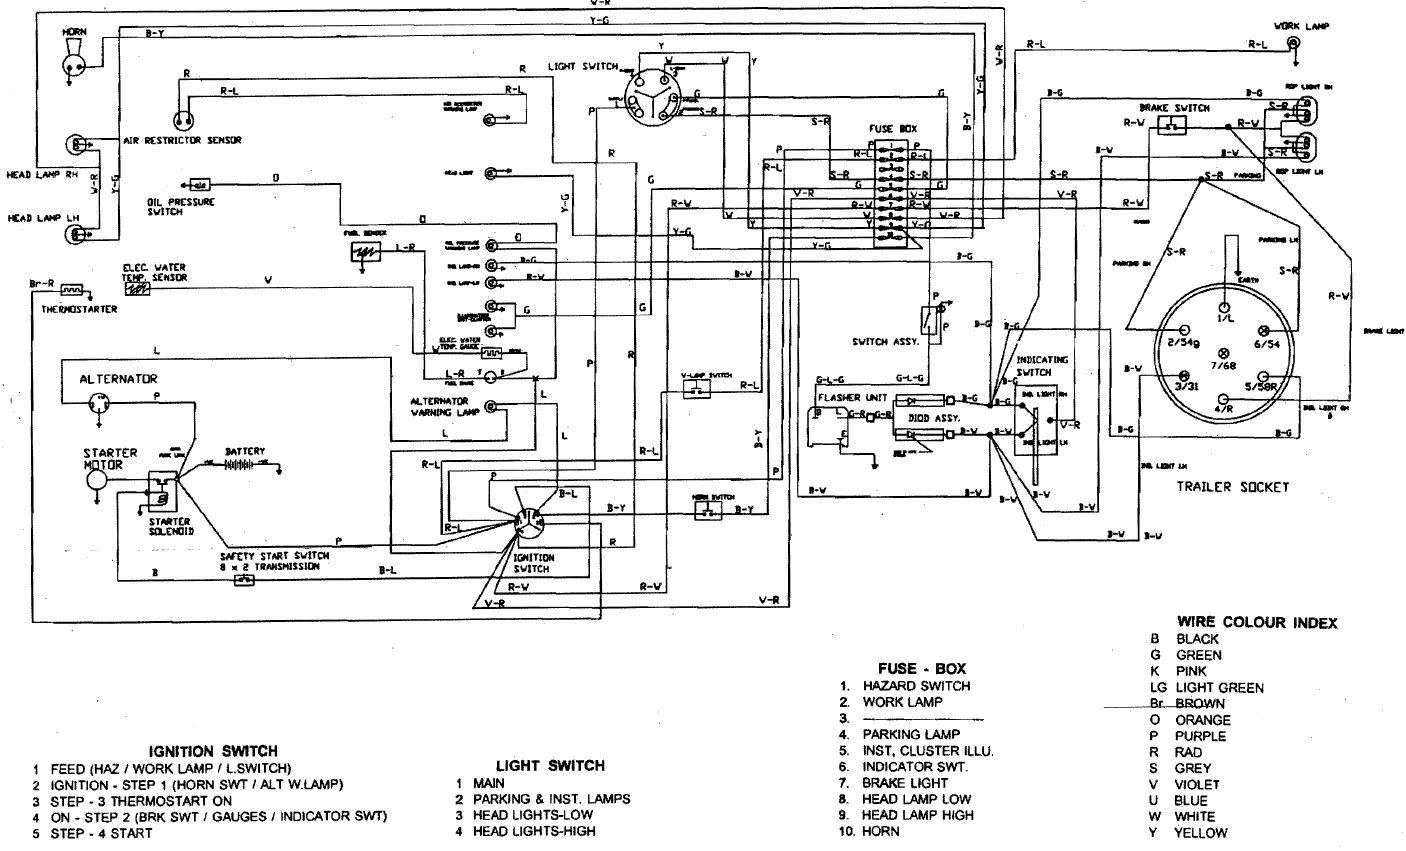 g110 john deere wiring diagram wiring diagramjohn deere g110 wiring diagram wiring diagramstx 38 pto switch wiring diagramsmall resolution of john deere